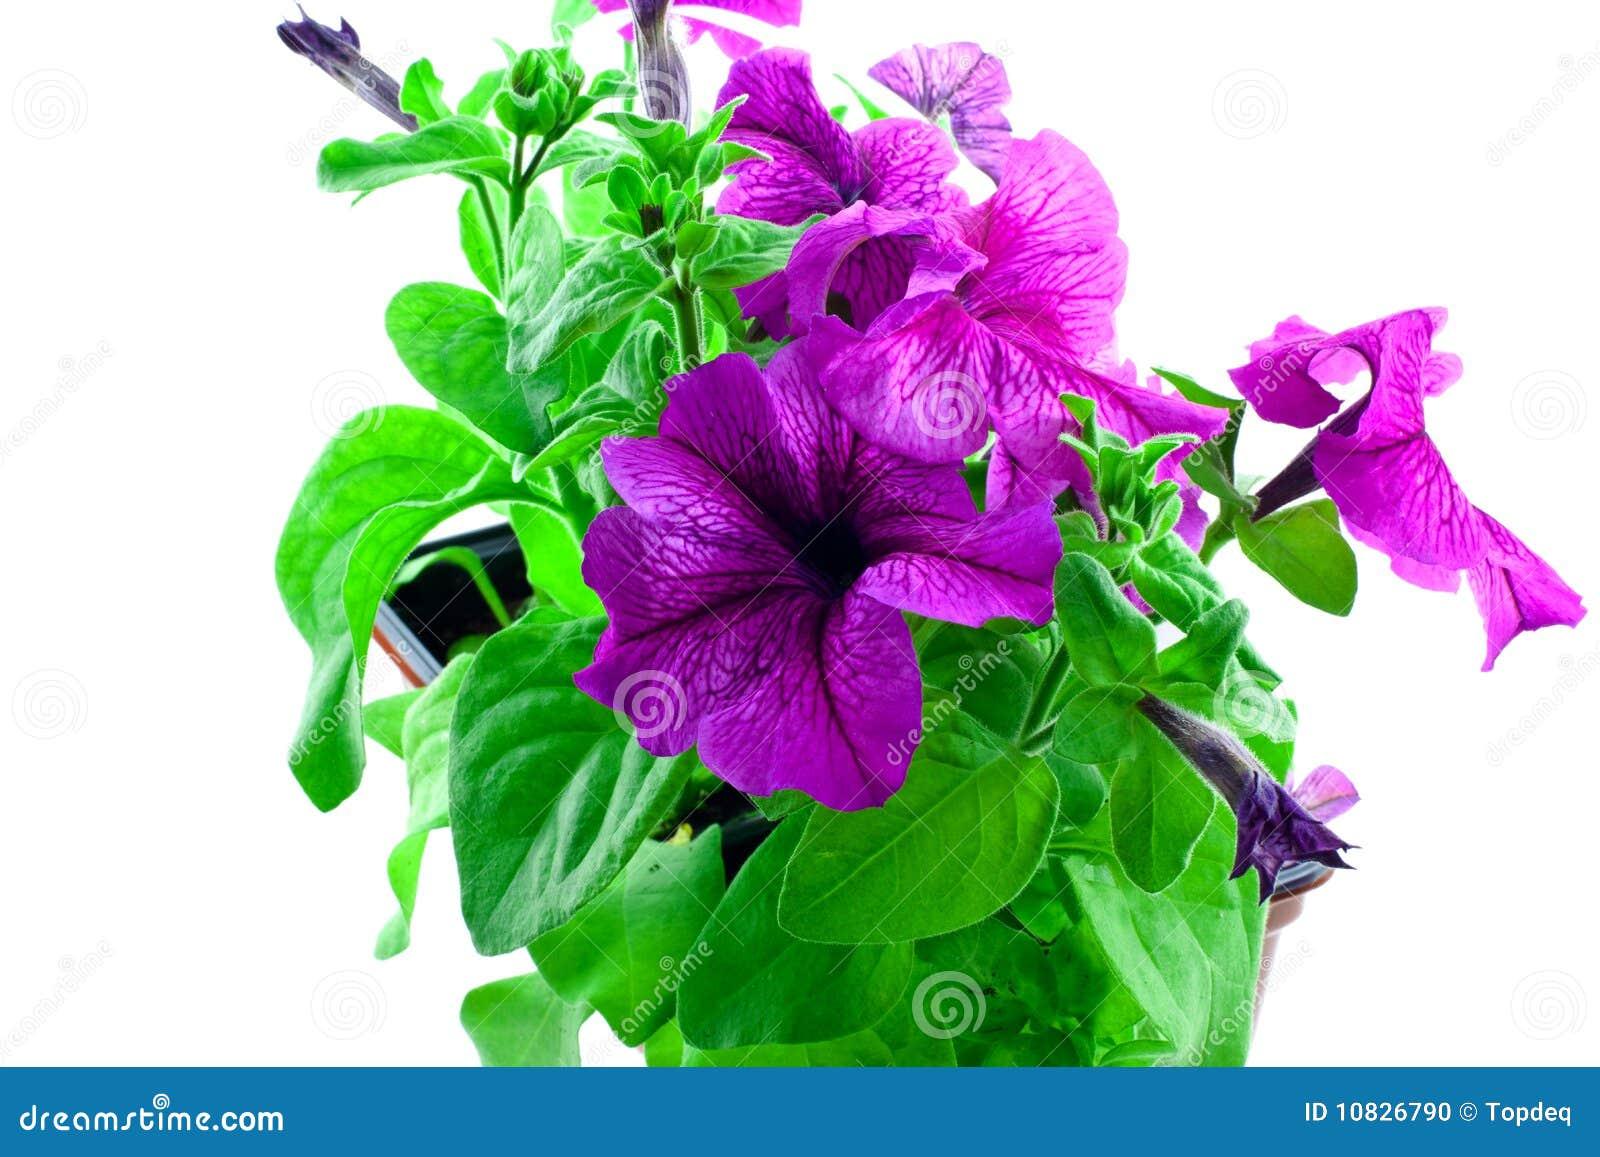 明亮的紫色喇叭花塑料的罐